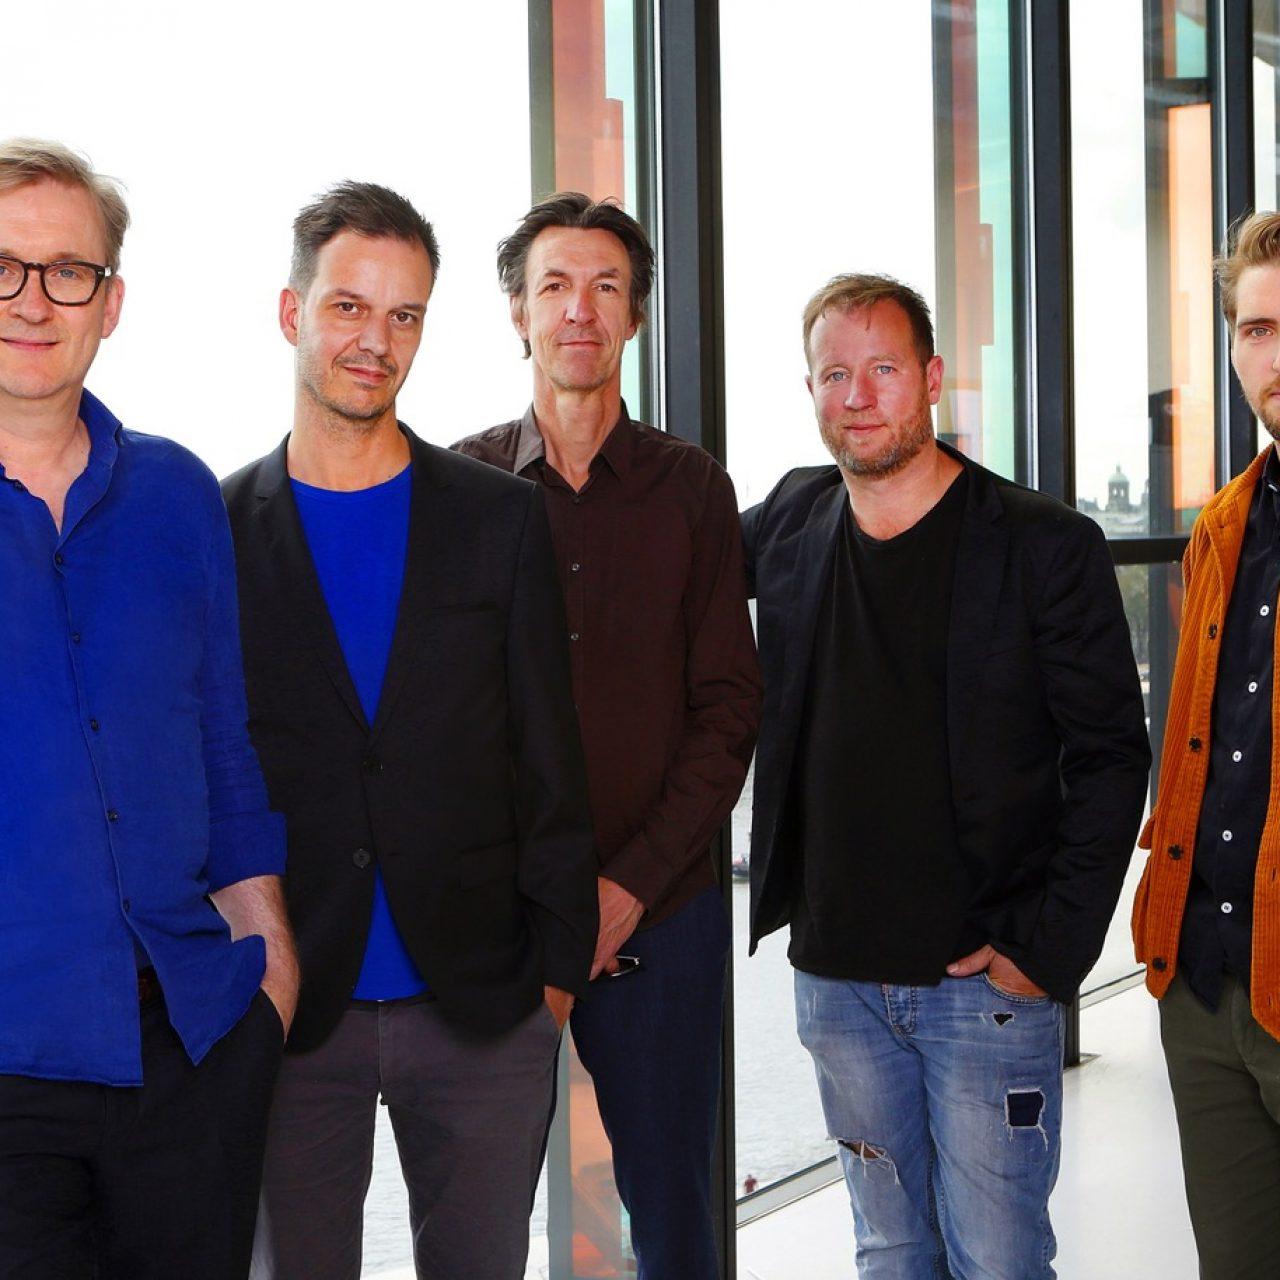 Jasper Blom Quartet featuring Pablo Held